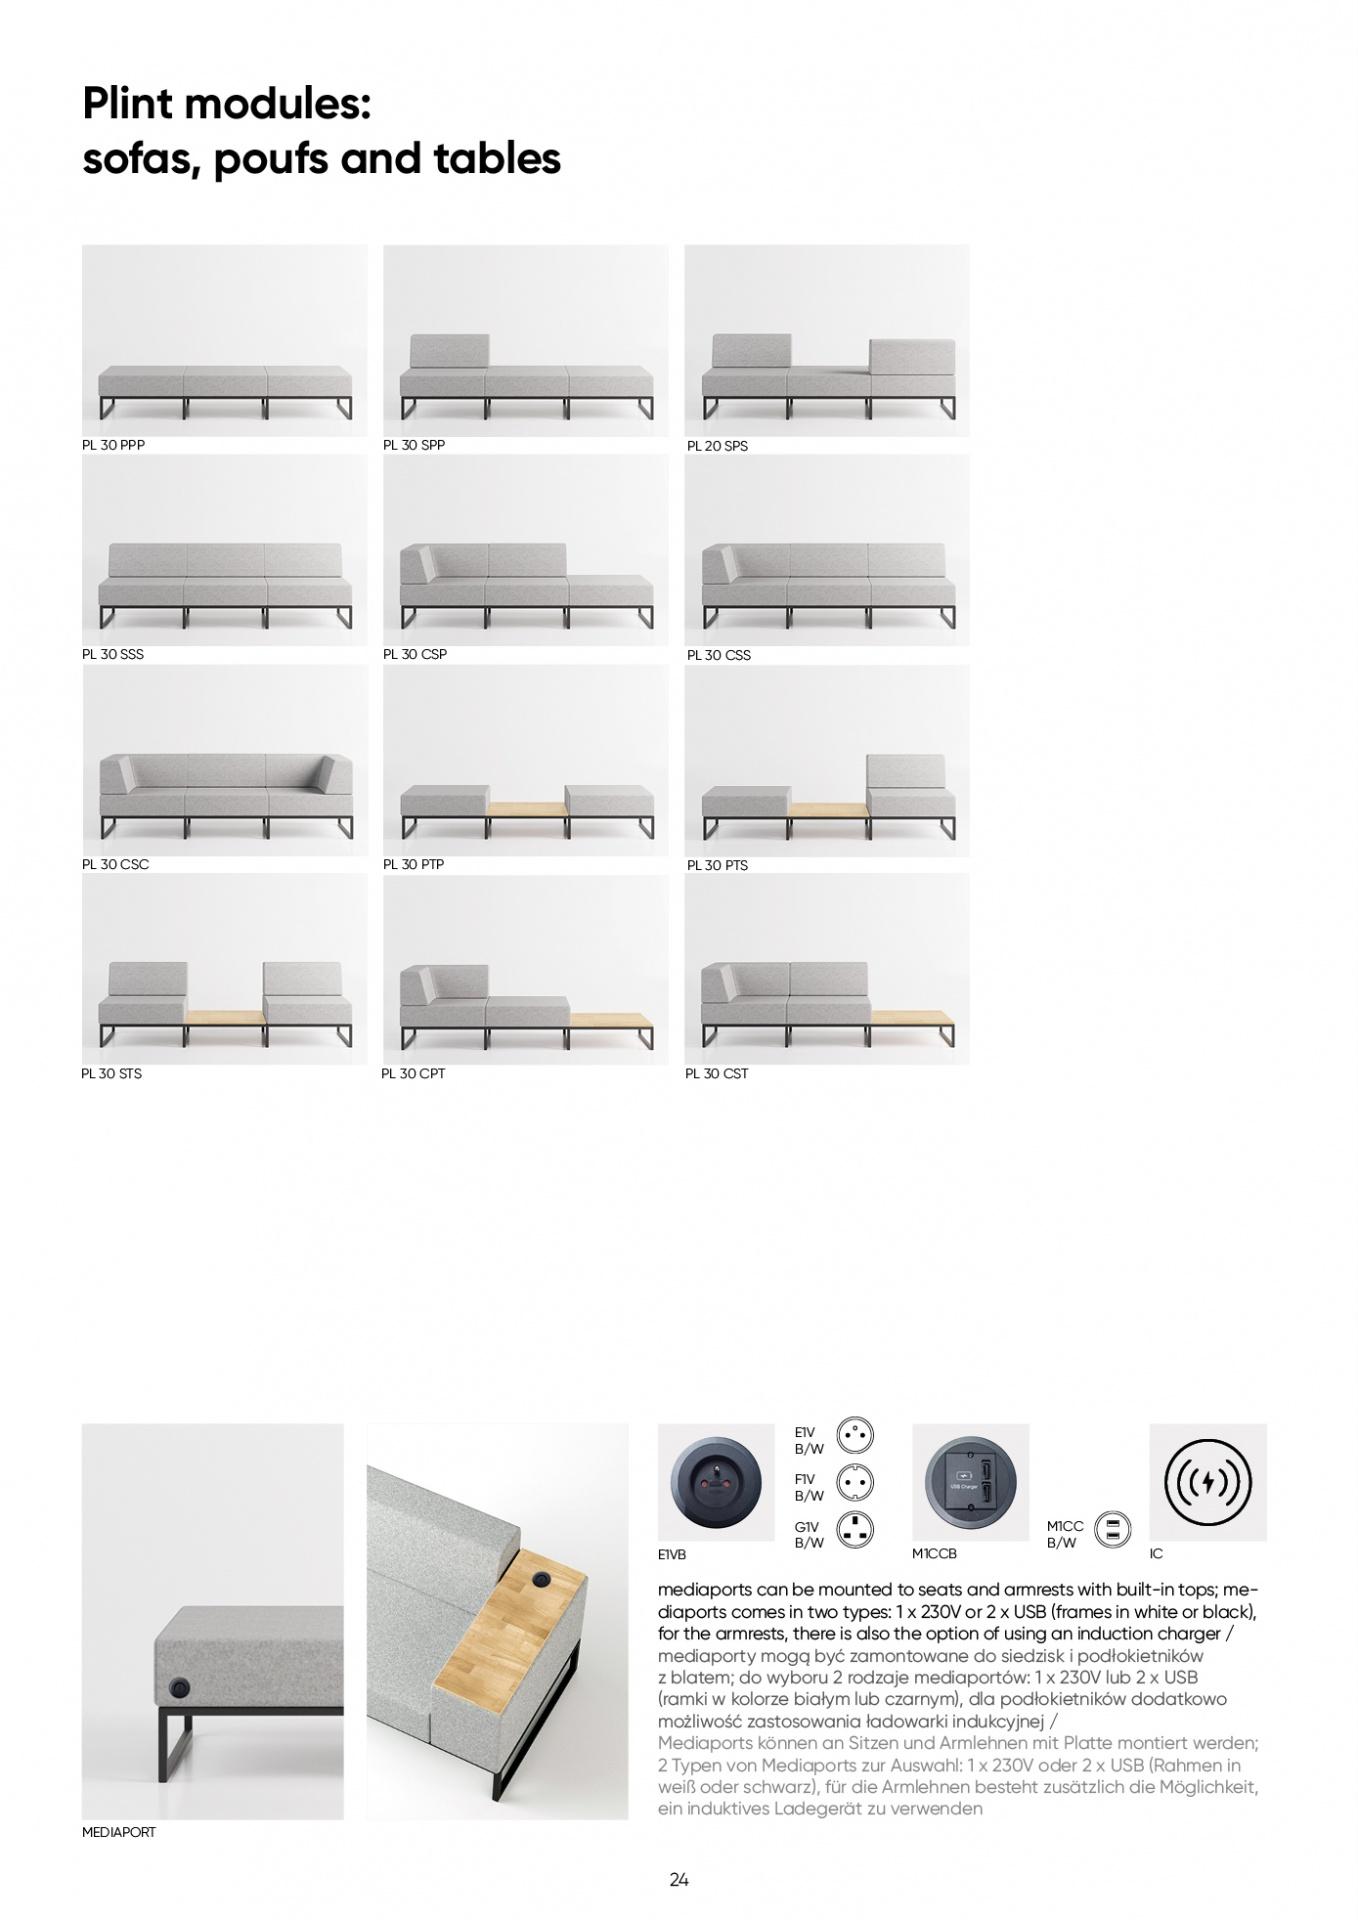 plint-catalogue-v2-24.jpg